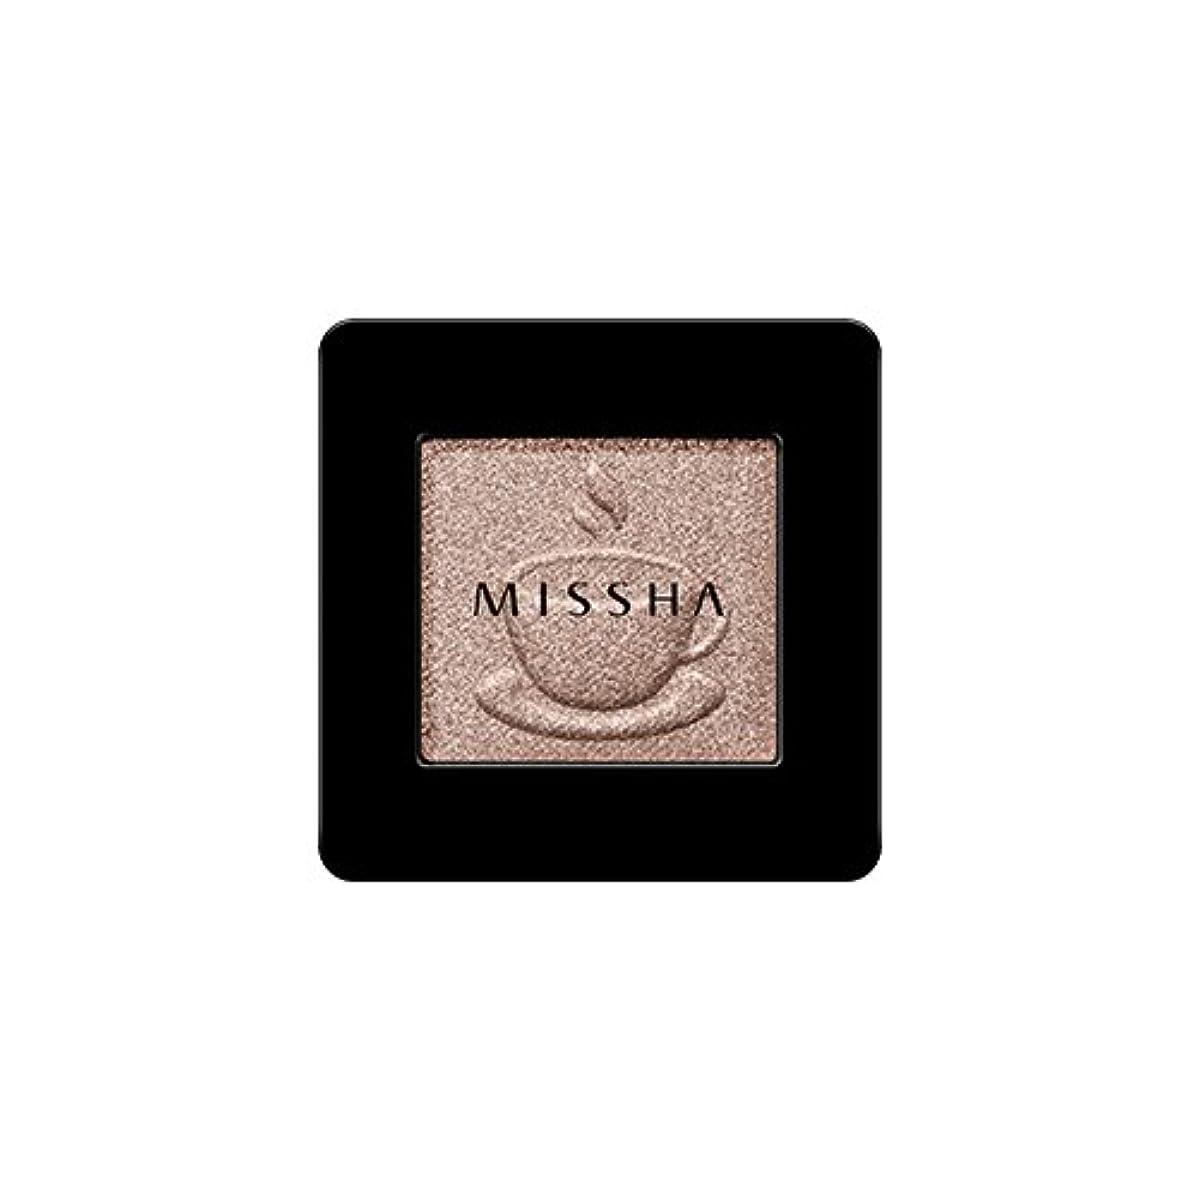 書き出すポータブル変化する[2016 F/W New Color] MISSHA Modern Shadow [Shimmer]/ミシャ モダン シャドウ [シマー] (#SBE03 Chocolate Beige)